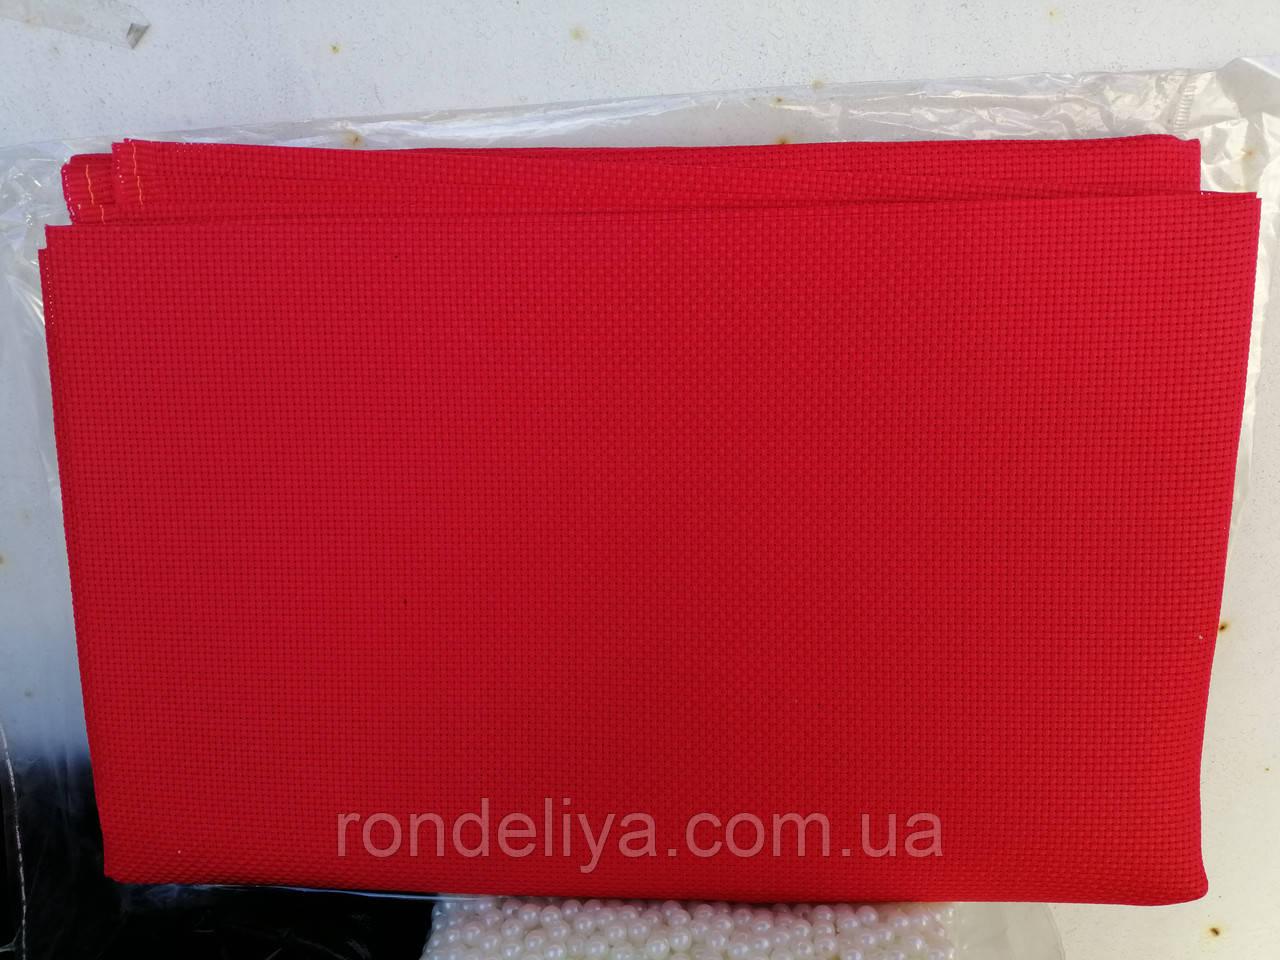 Канва червона для вишивки 45 клітин на 10 см, велика